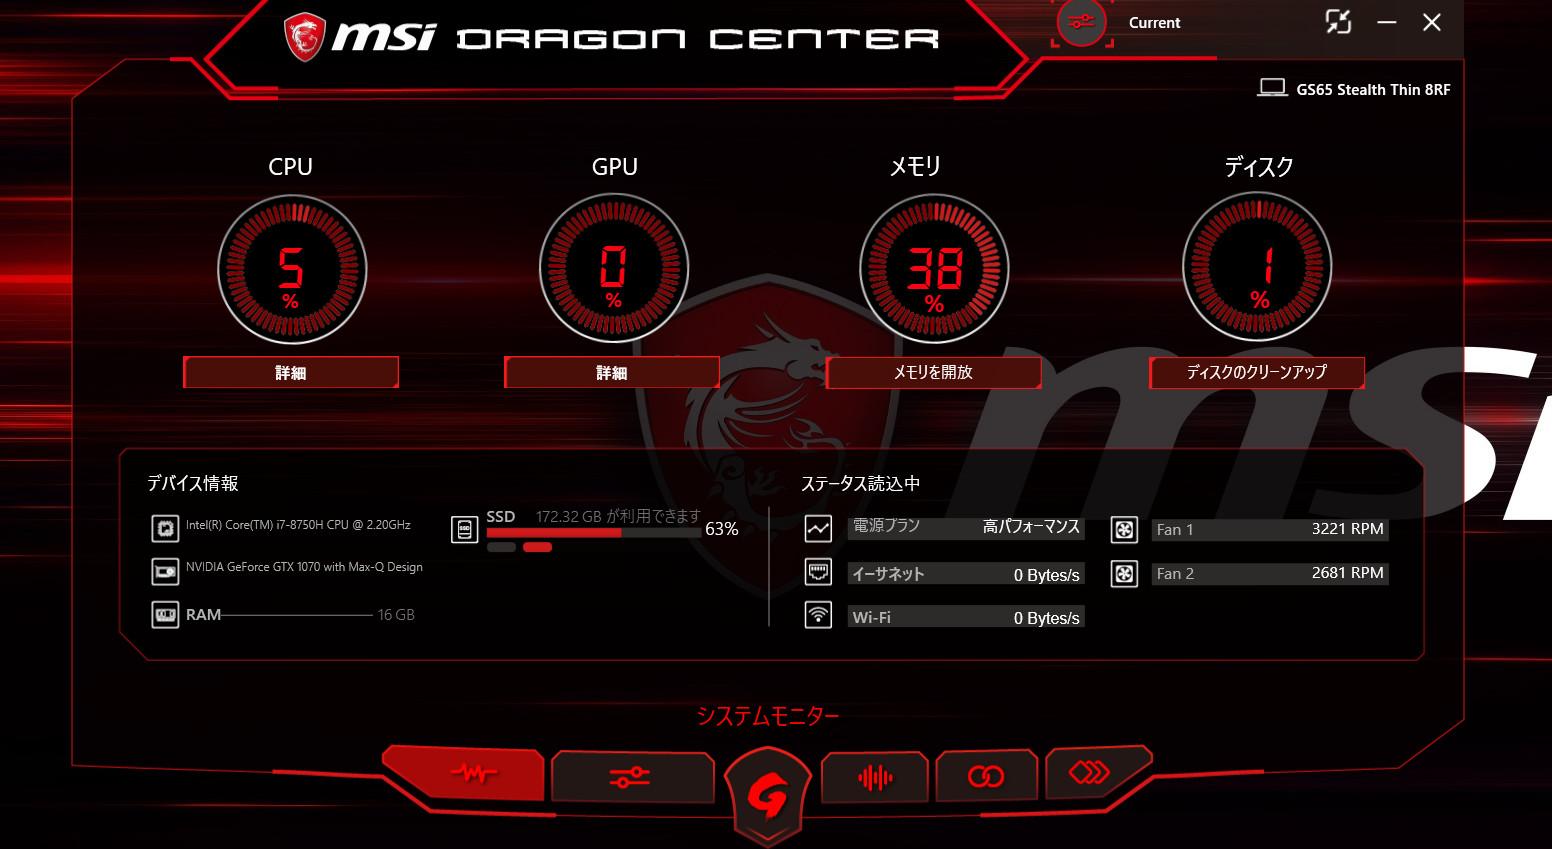 MSI GS65 Stealth Thin 設定アプリ